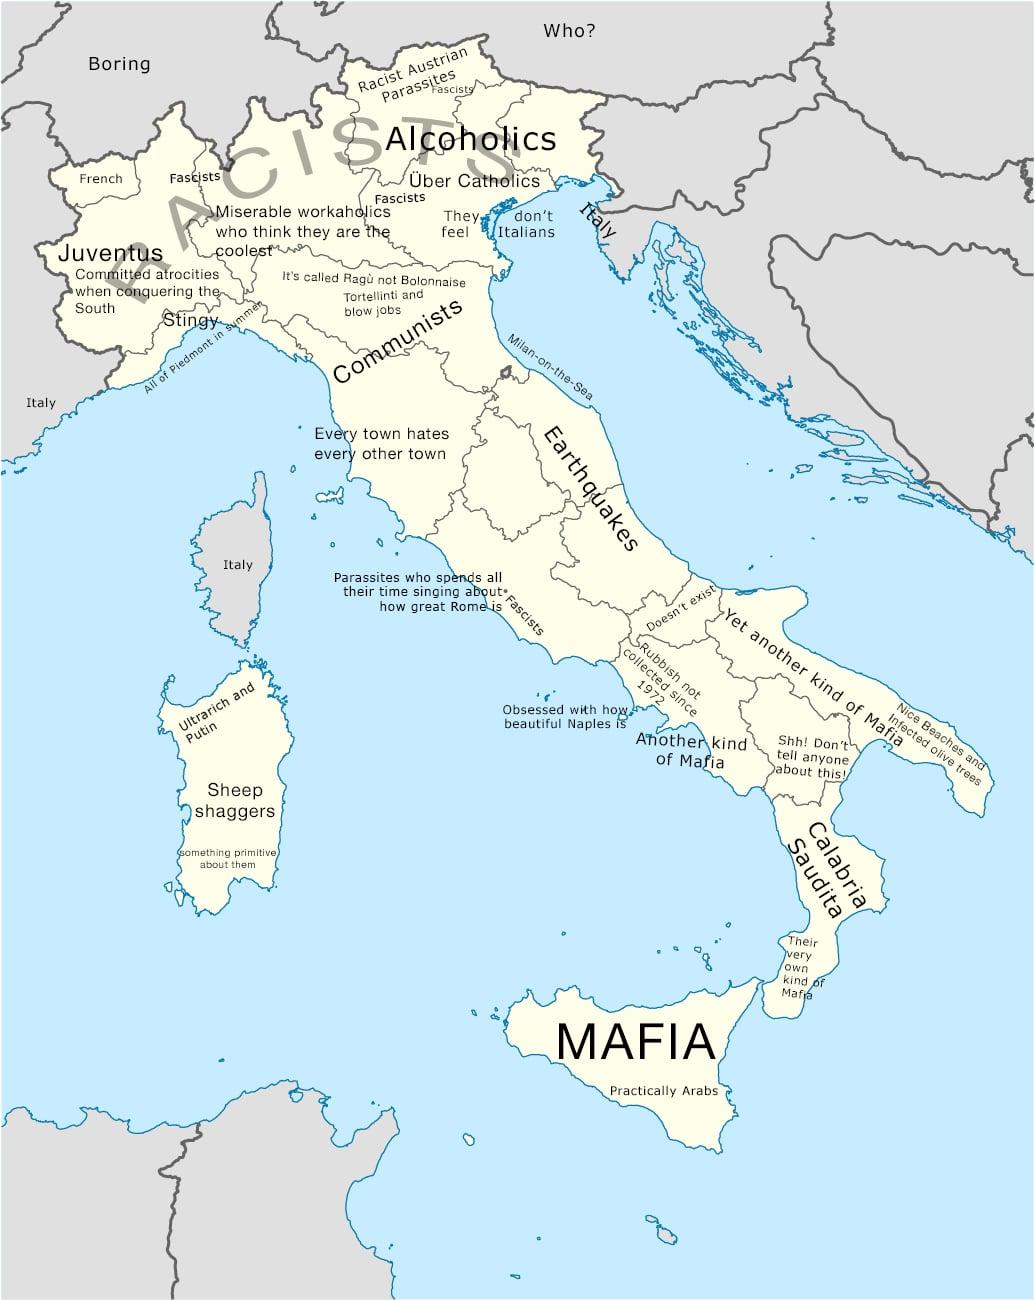 L'Italia degli stereotipi